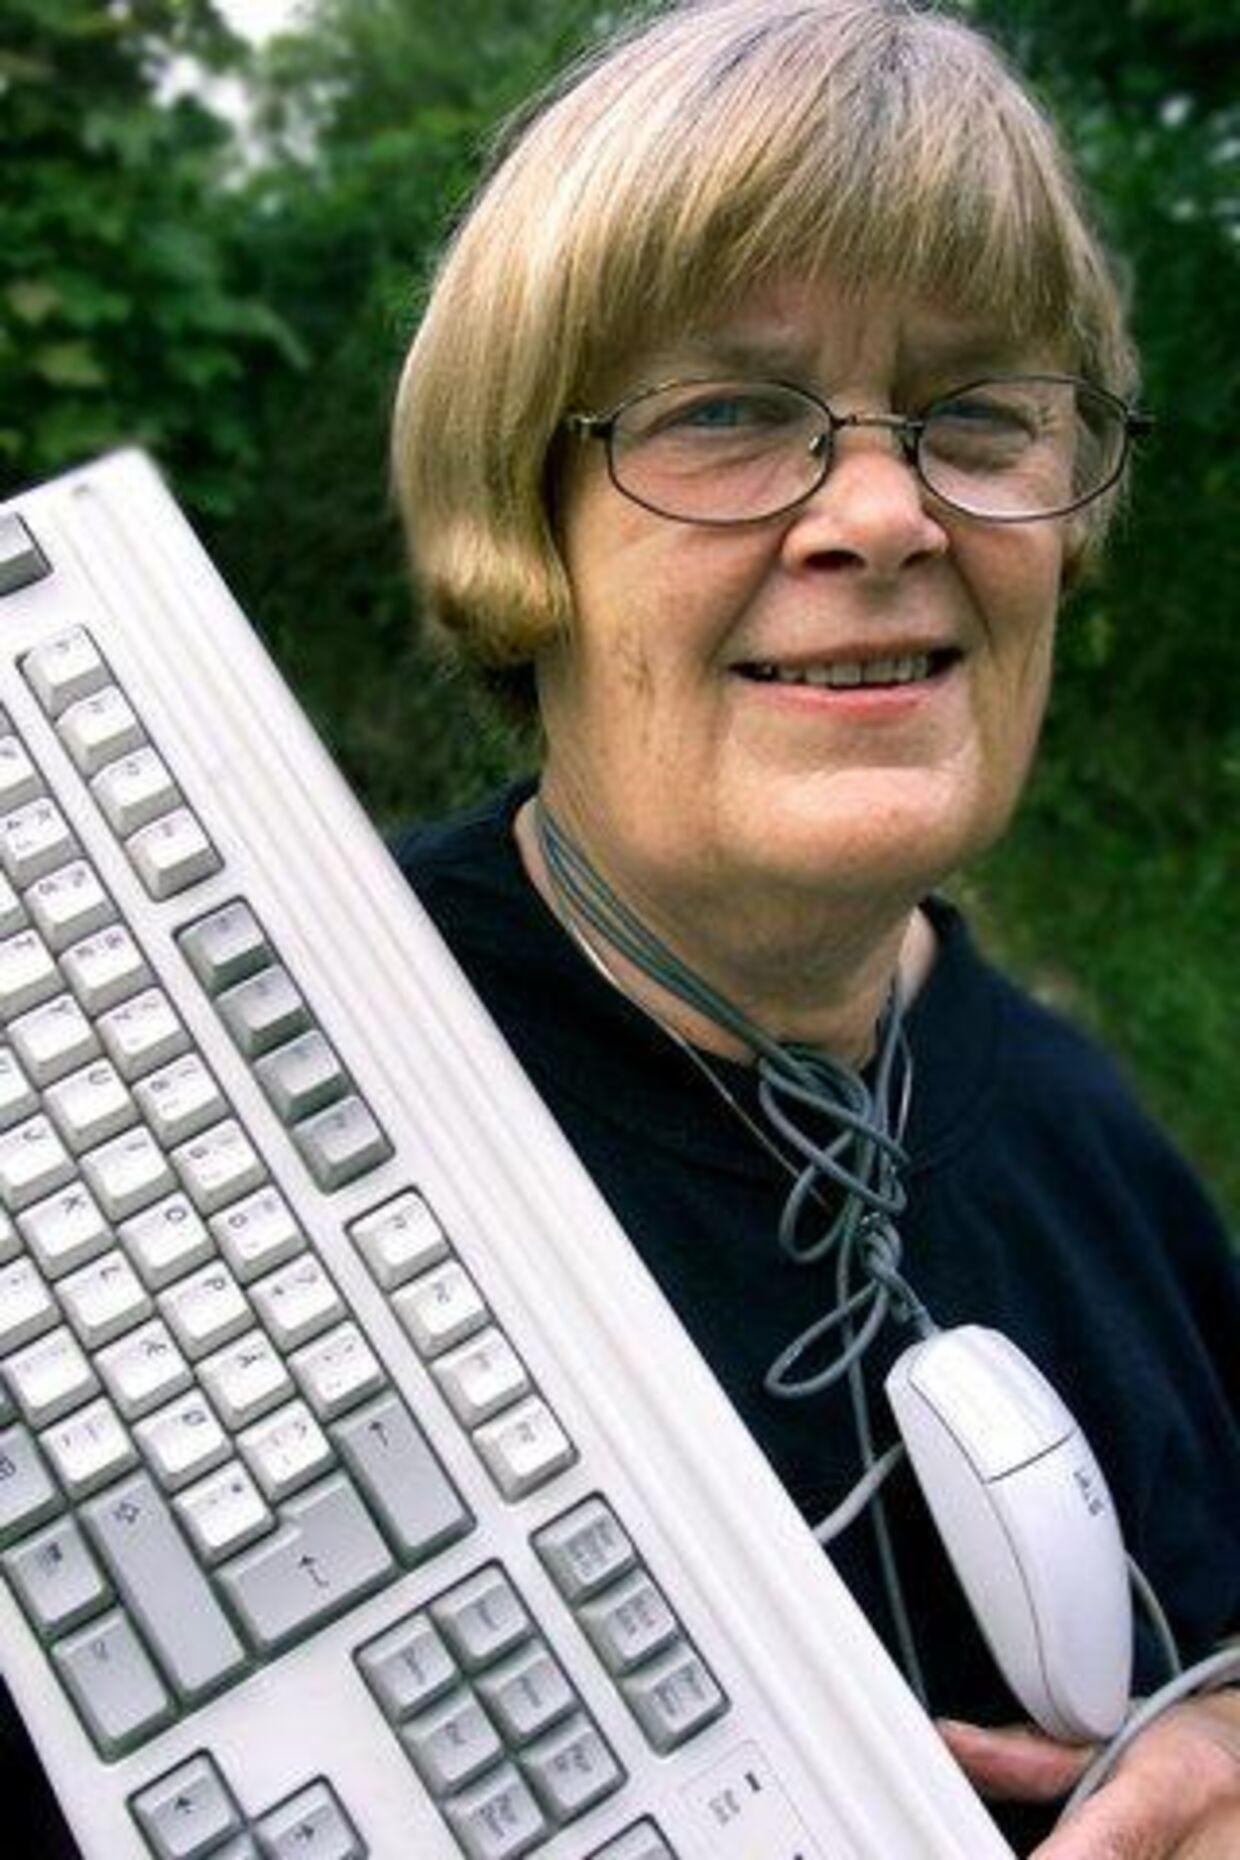 Det med computere er slet ikke så svært - man skal bare turde det, mener »bedste«, Hanne Fachmann. Så hun er åben for alle slags spørgsmål. Foto: Henrik Ole Jensen